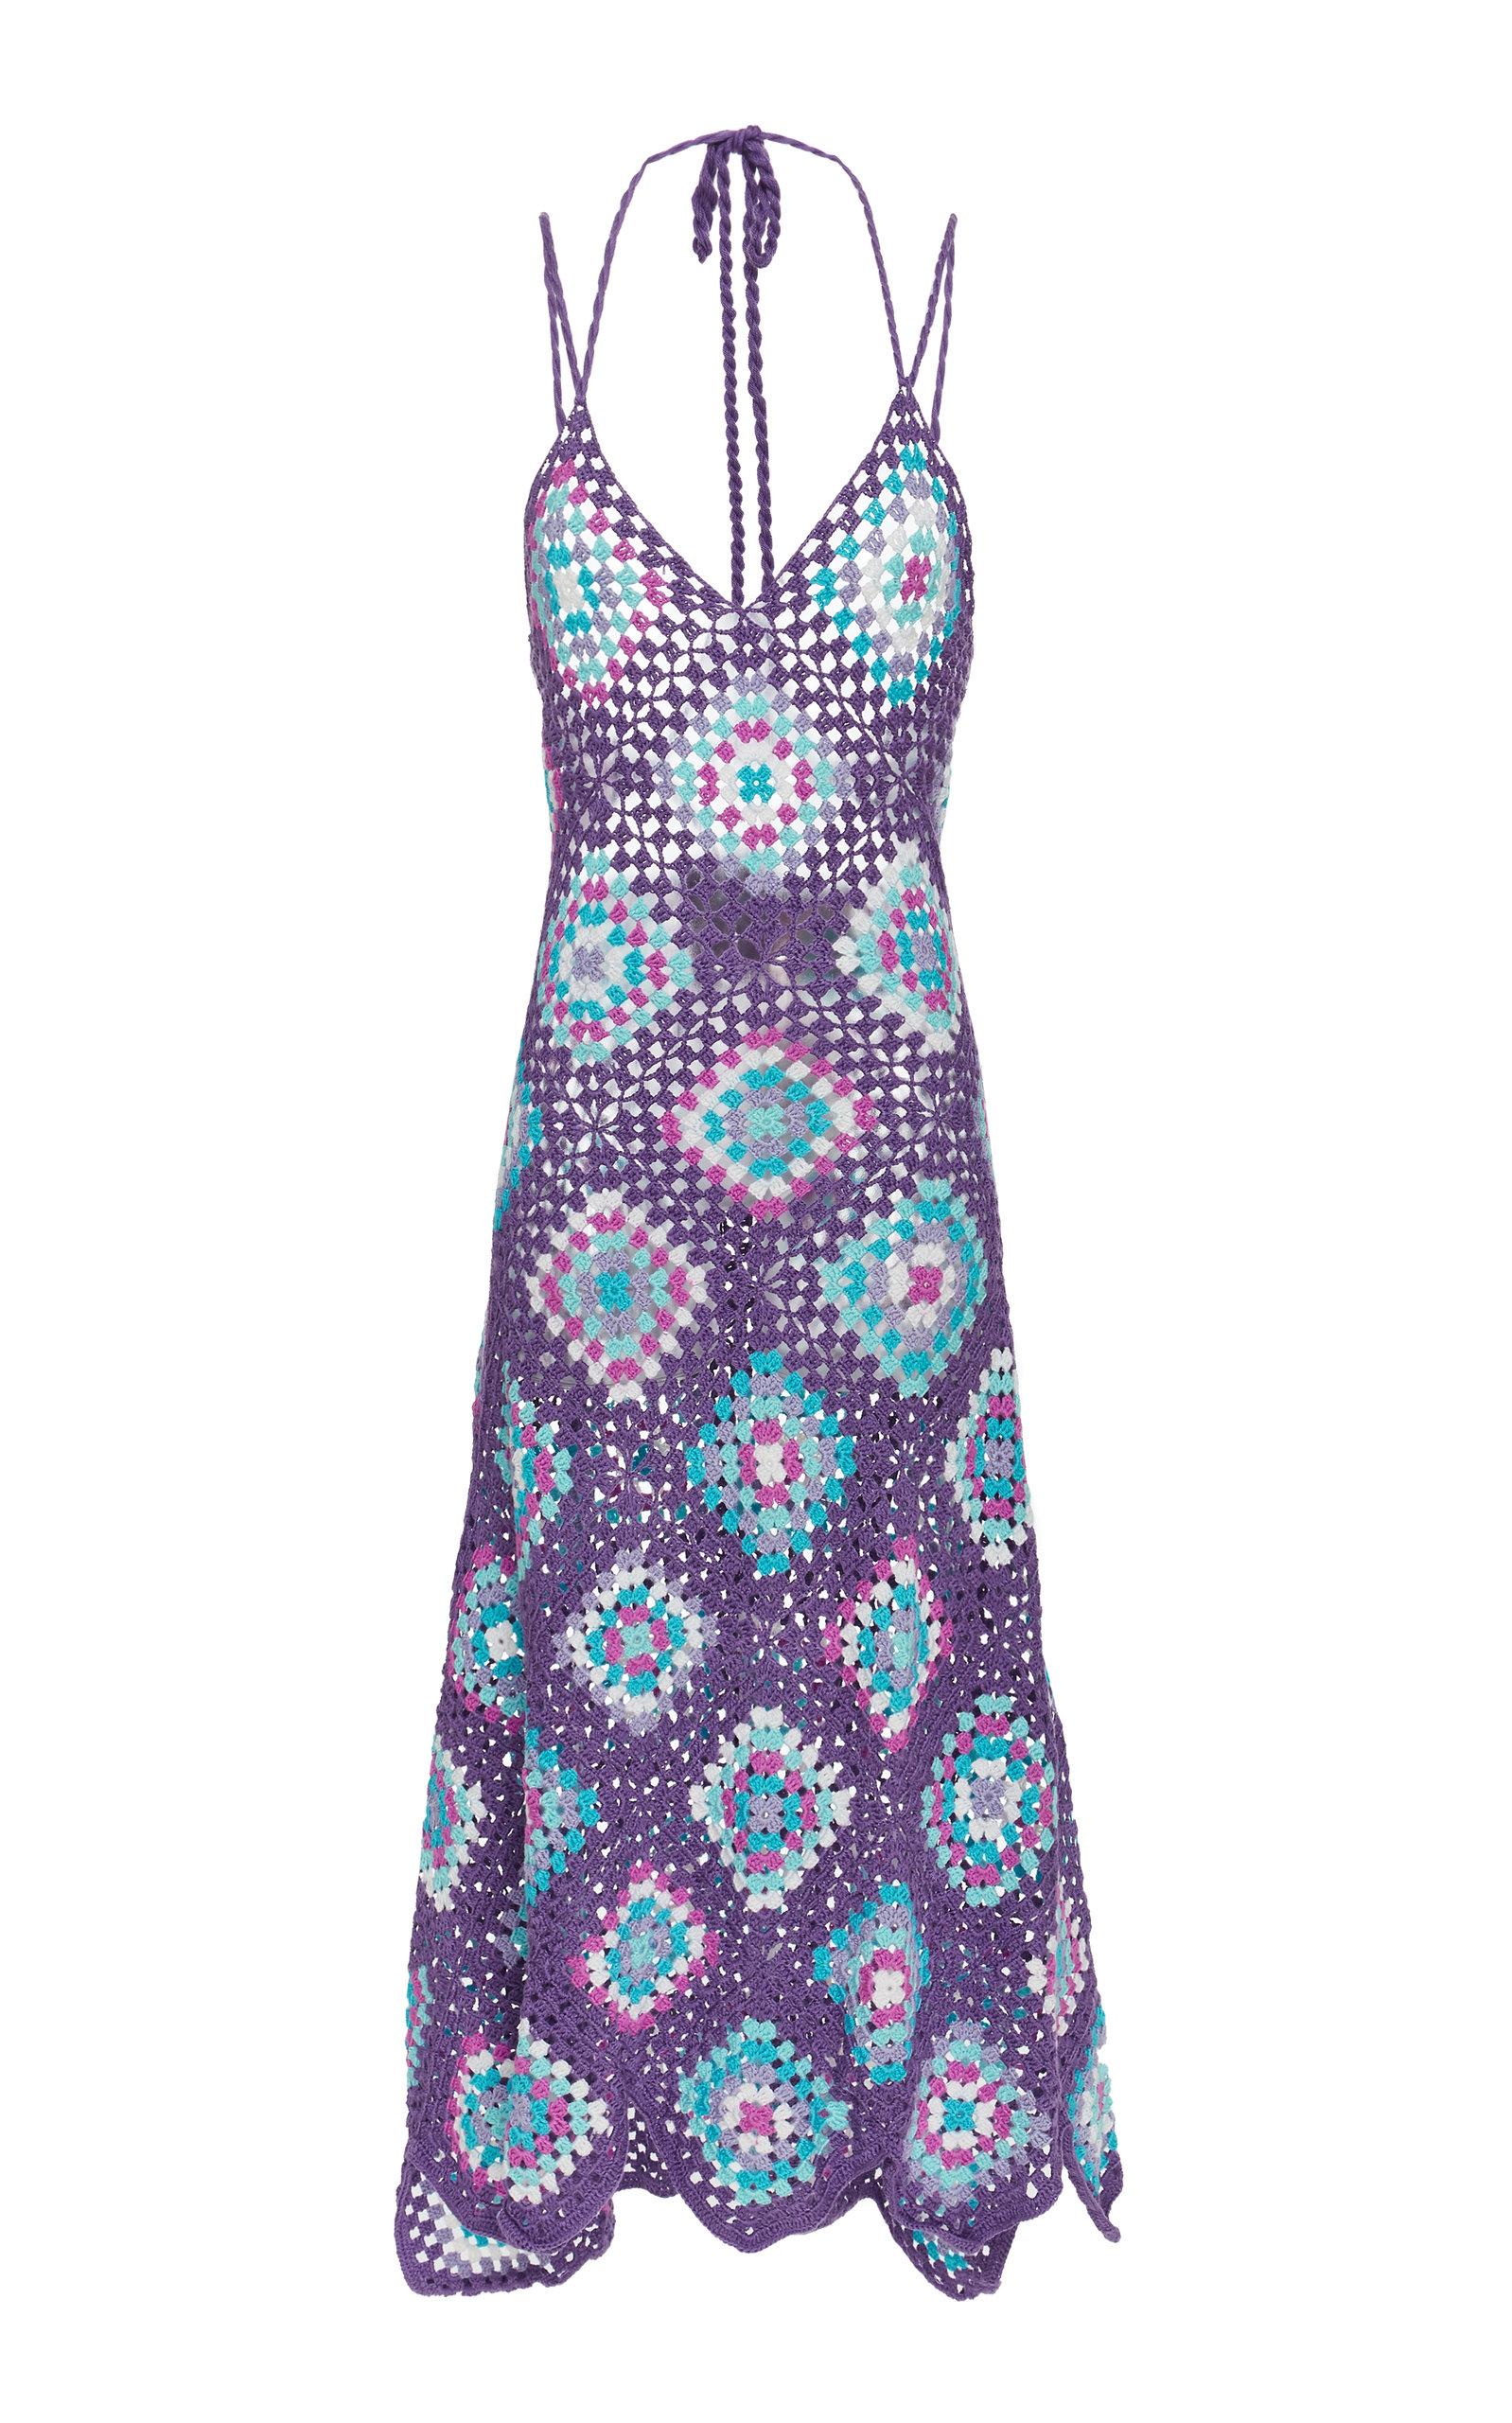 MY BEACHY SIDE Strappy Crochet Maxi Dress in Purple